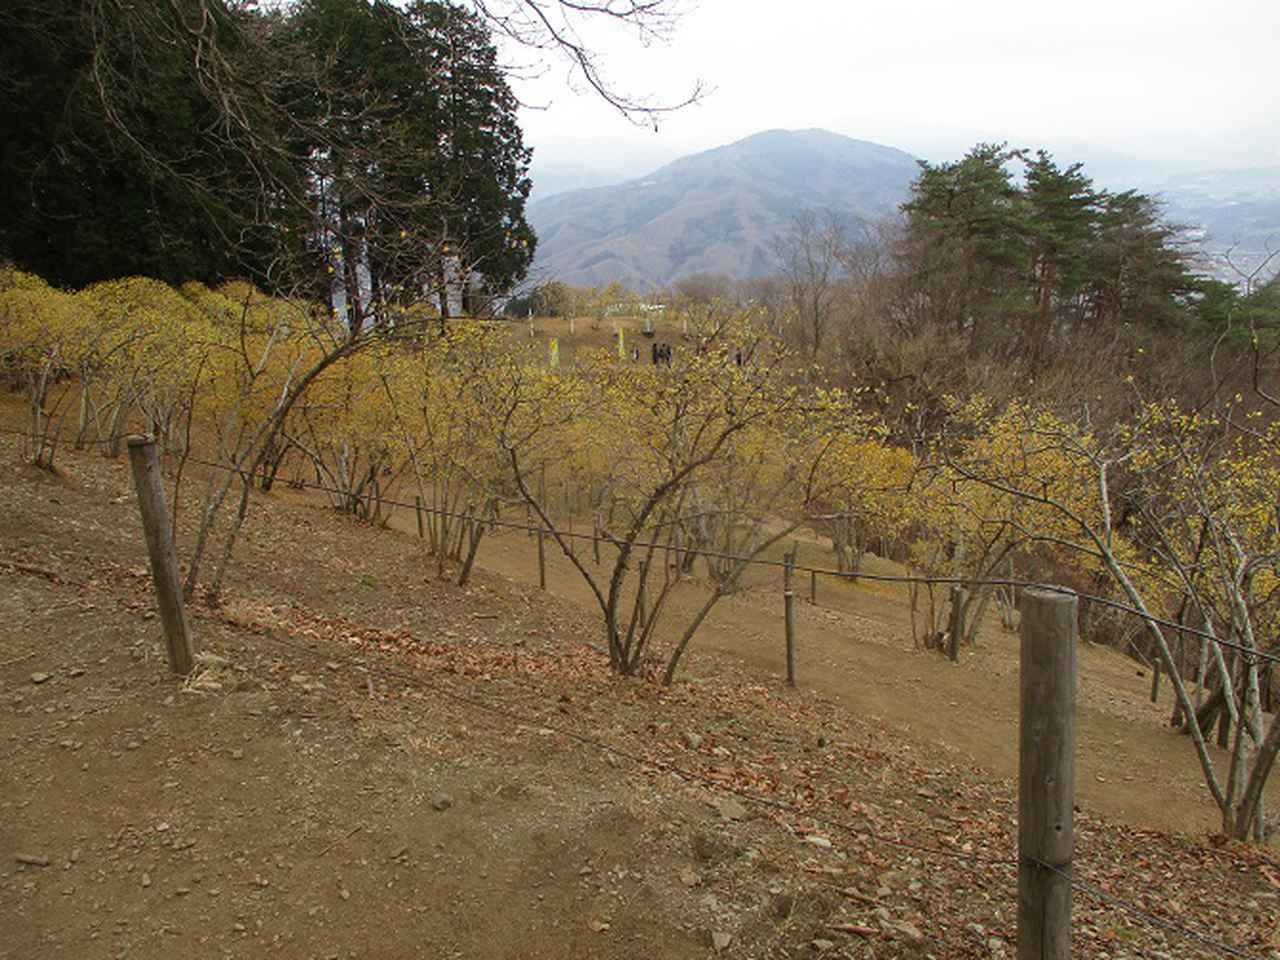 画像9: 来年冬の企画素材を探して長瀞アルプスを歩いてきました!